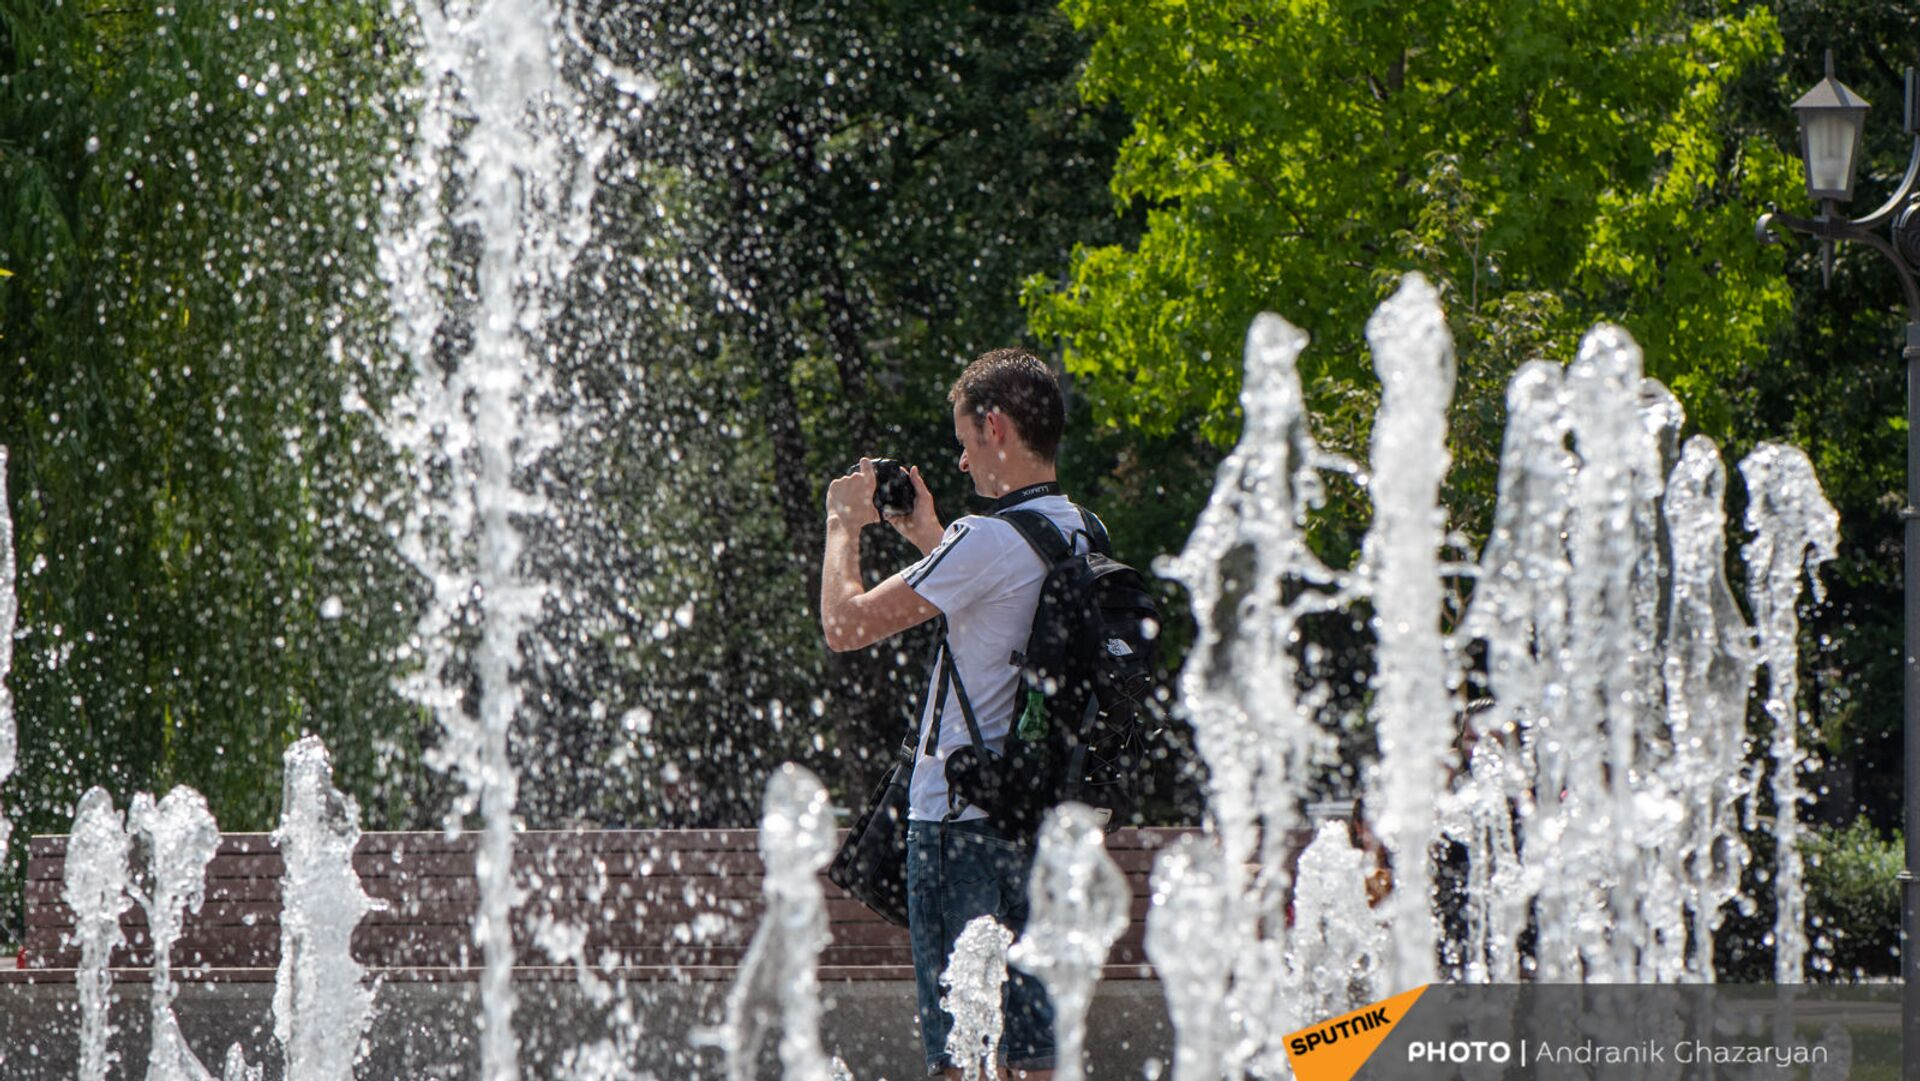 Молодой человек фотографирует фонтаны в парке 2800-летия Еревана - Sputnik Армения, 1920, 19.09.2021